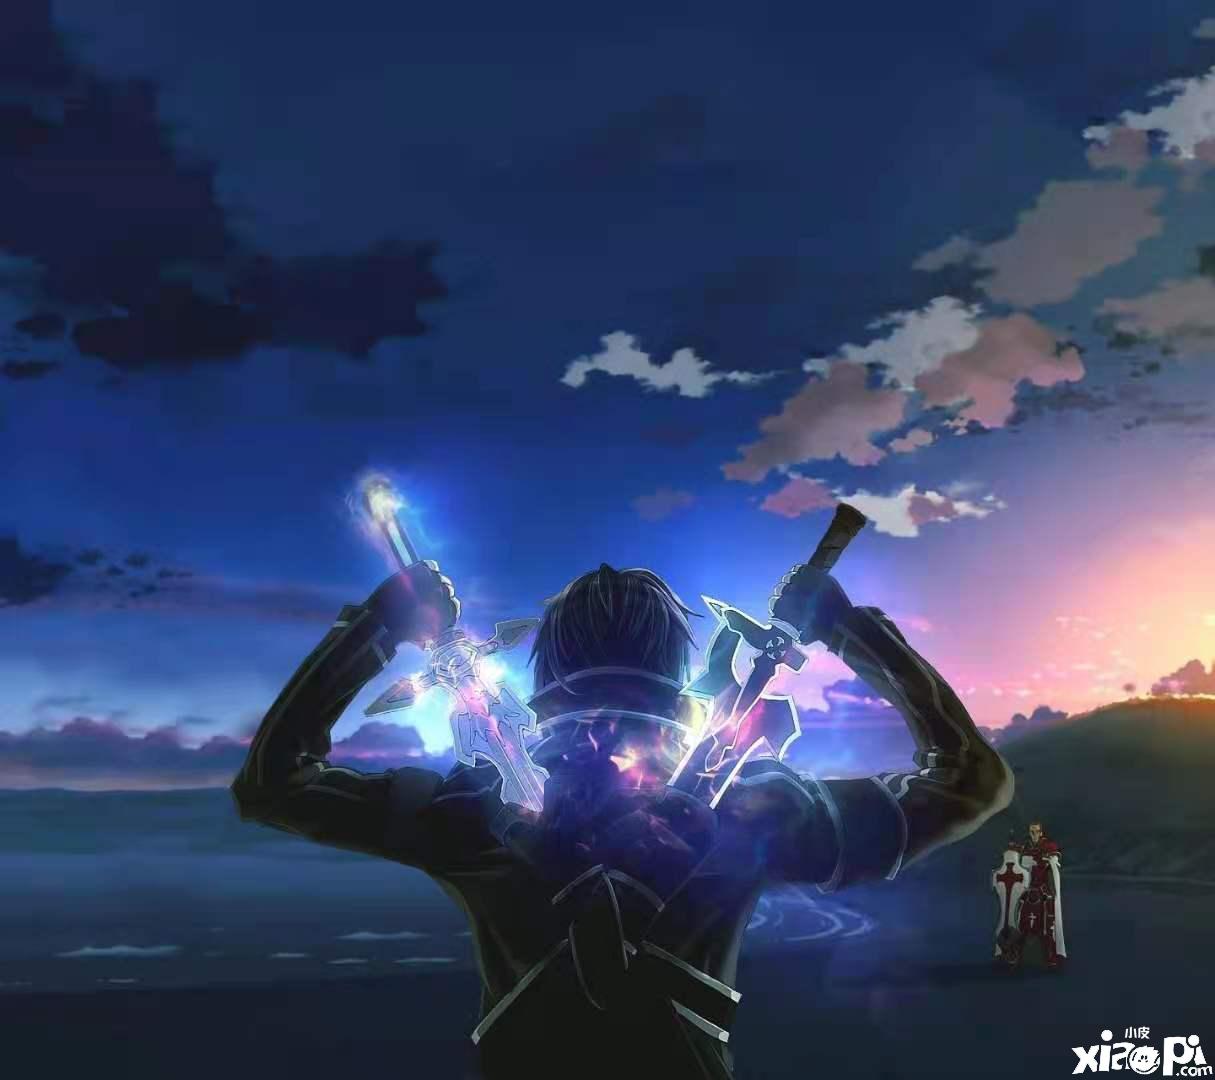 《刀剑神域黑衣剑士:王牌》王牌去哪里强化装备更快更给力?一起来看看吧!